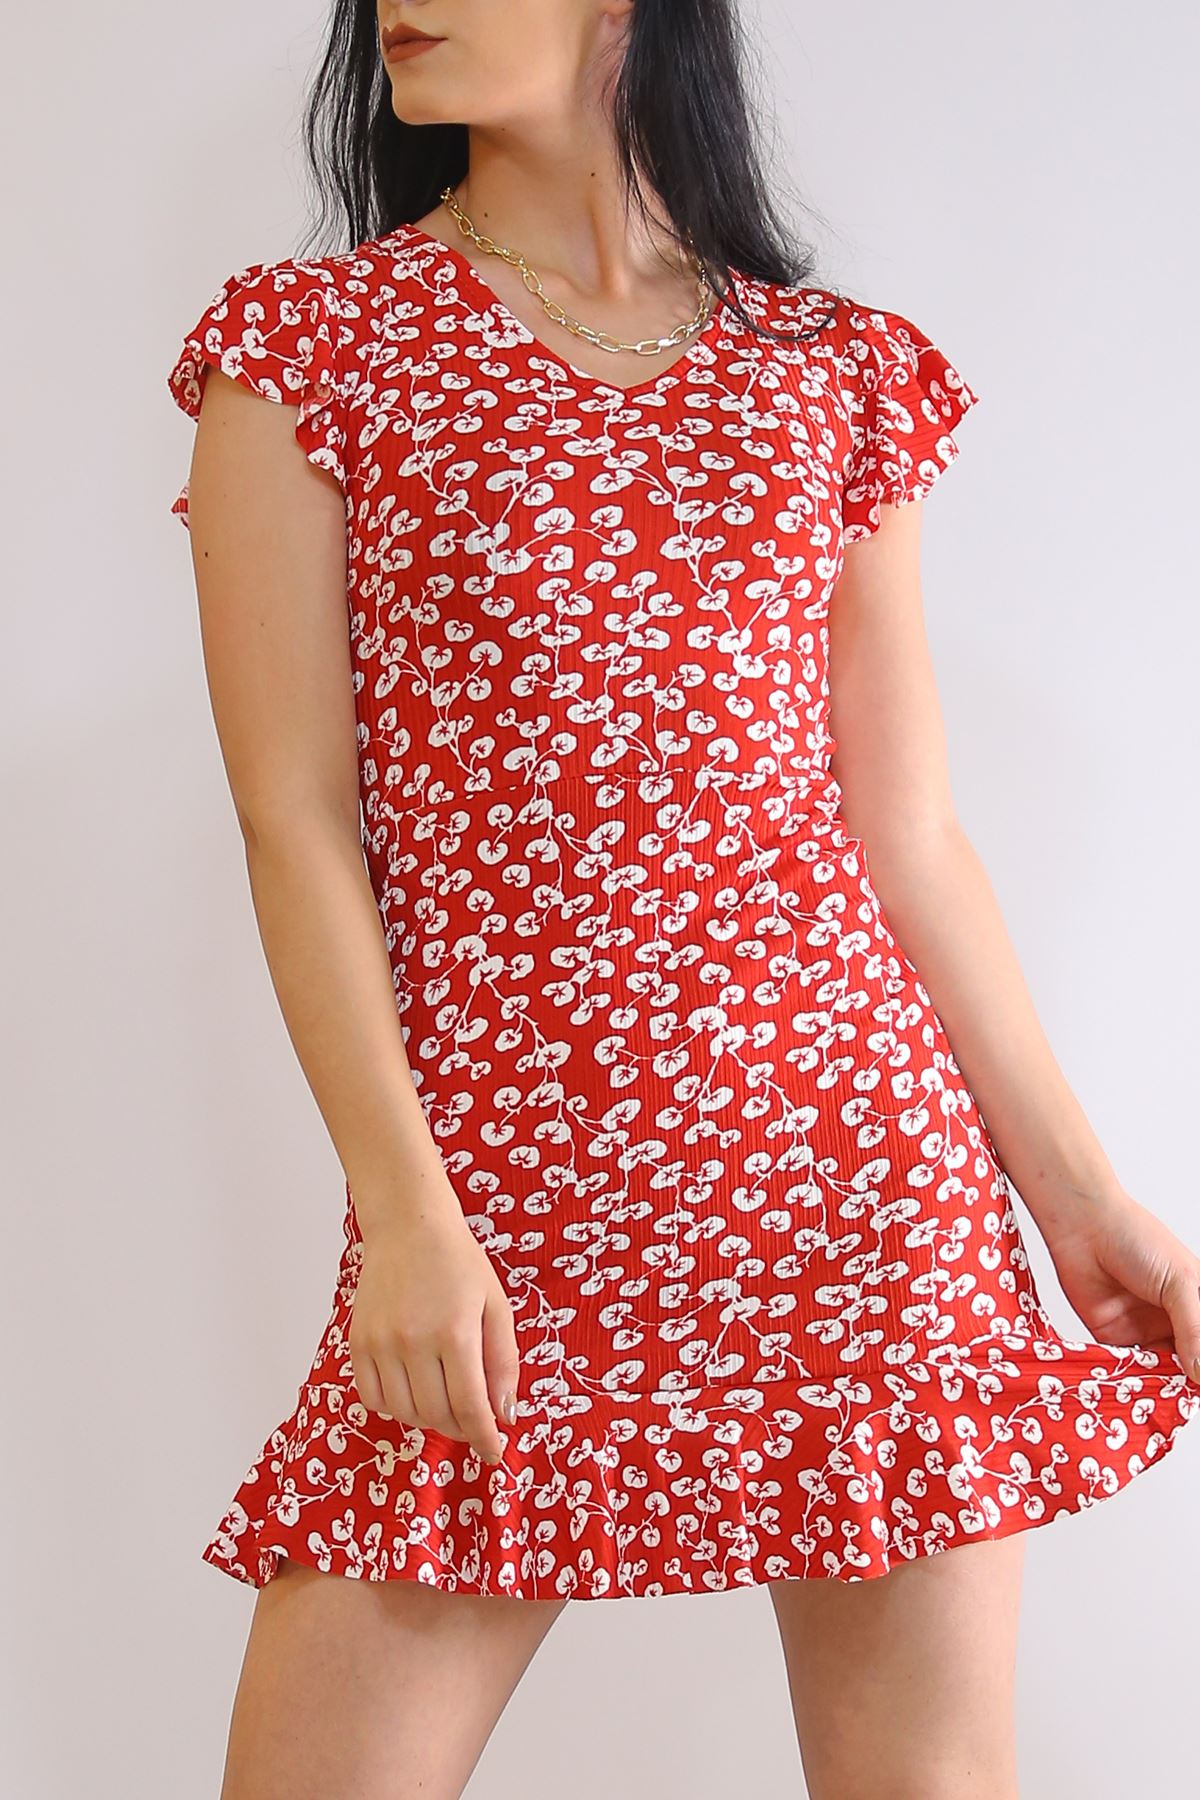 Altı Fırfırlı Elbise Kırmızıçiçekli - 2255.555.